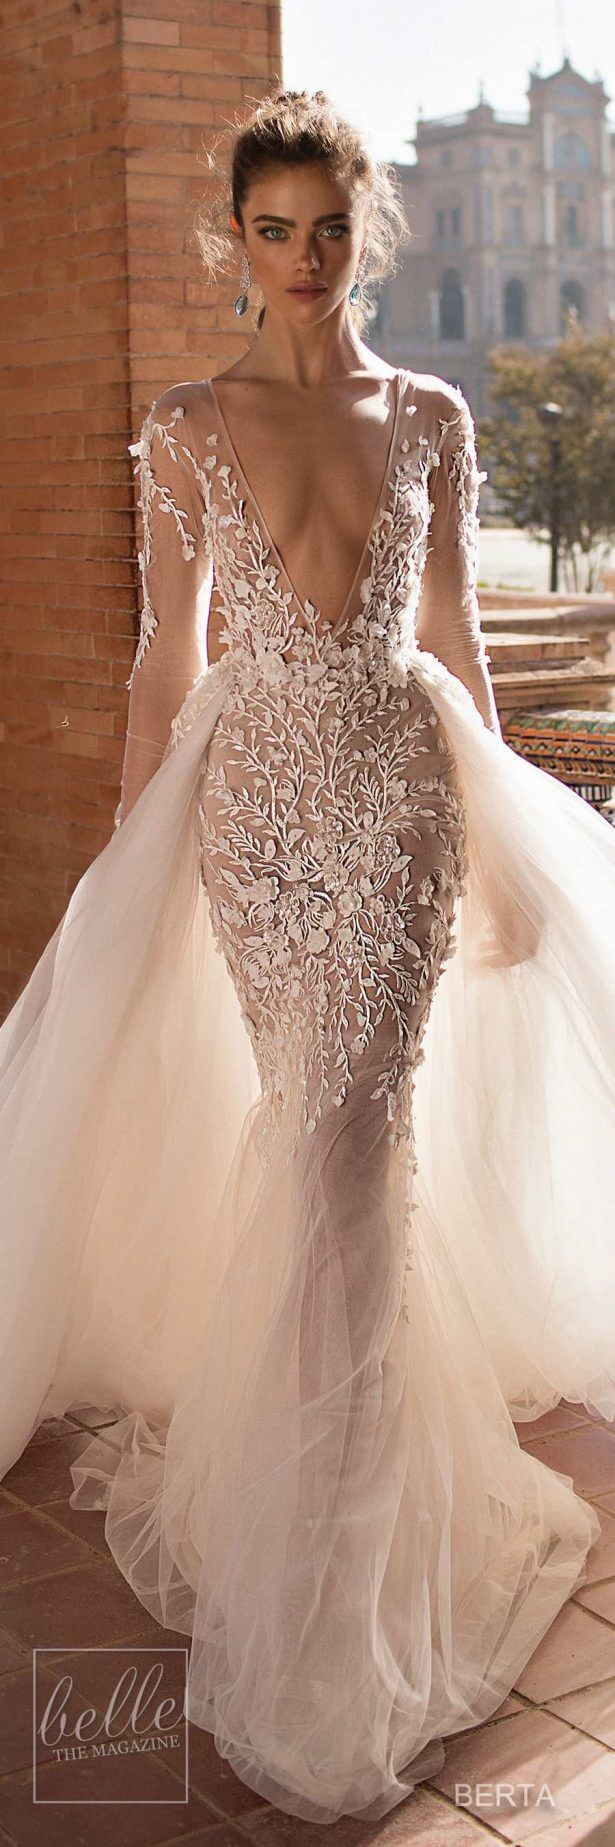 vestido de novia largo escotado con encaje transparente